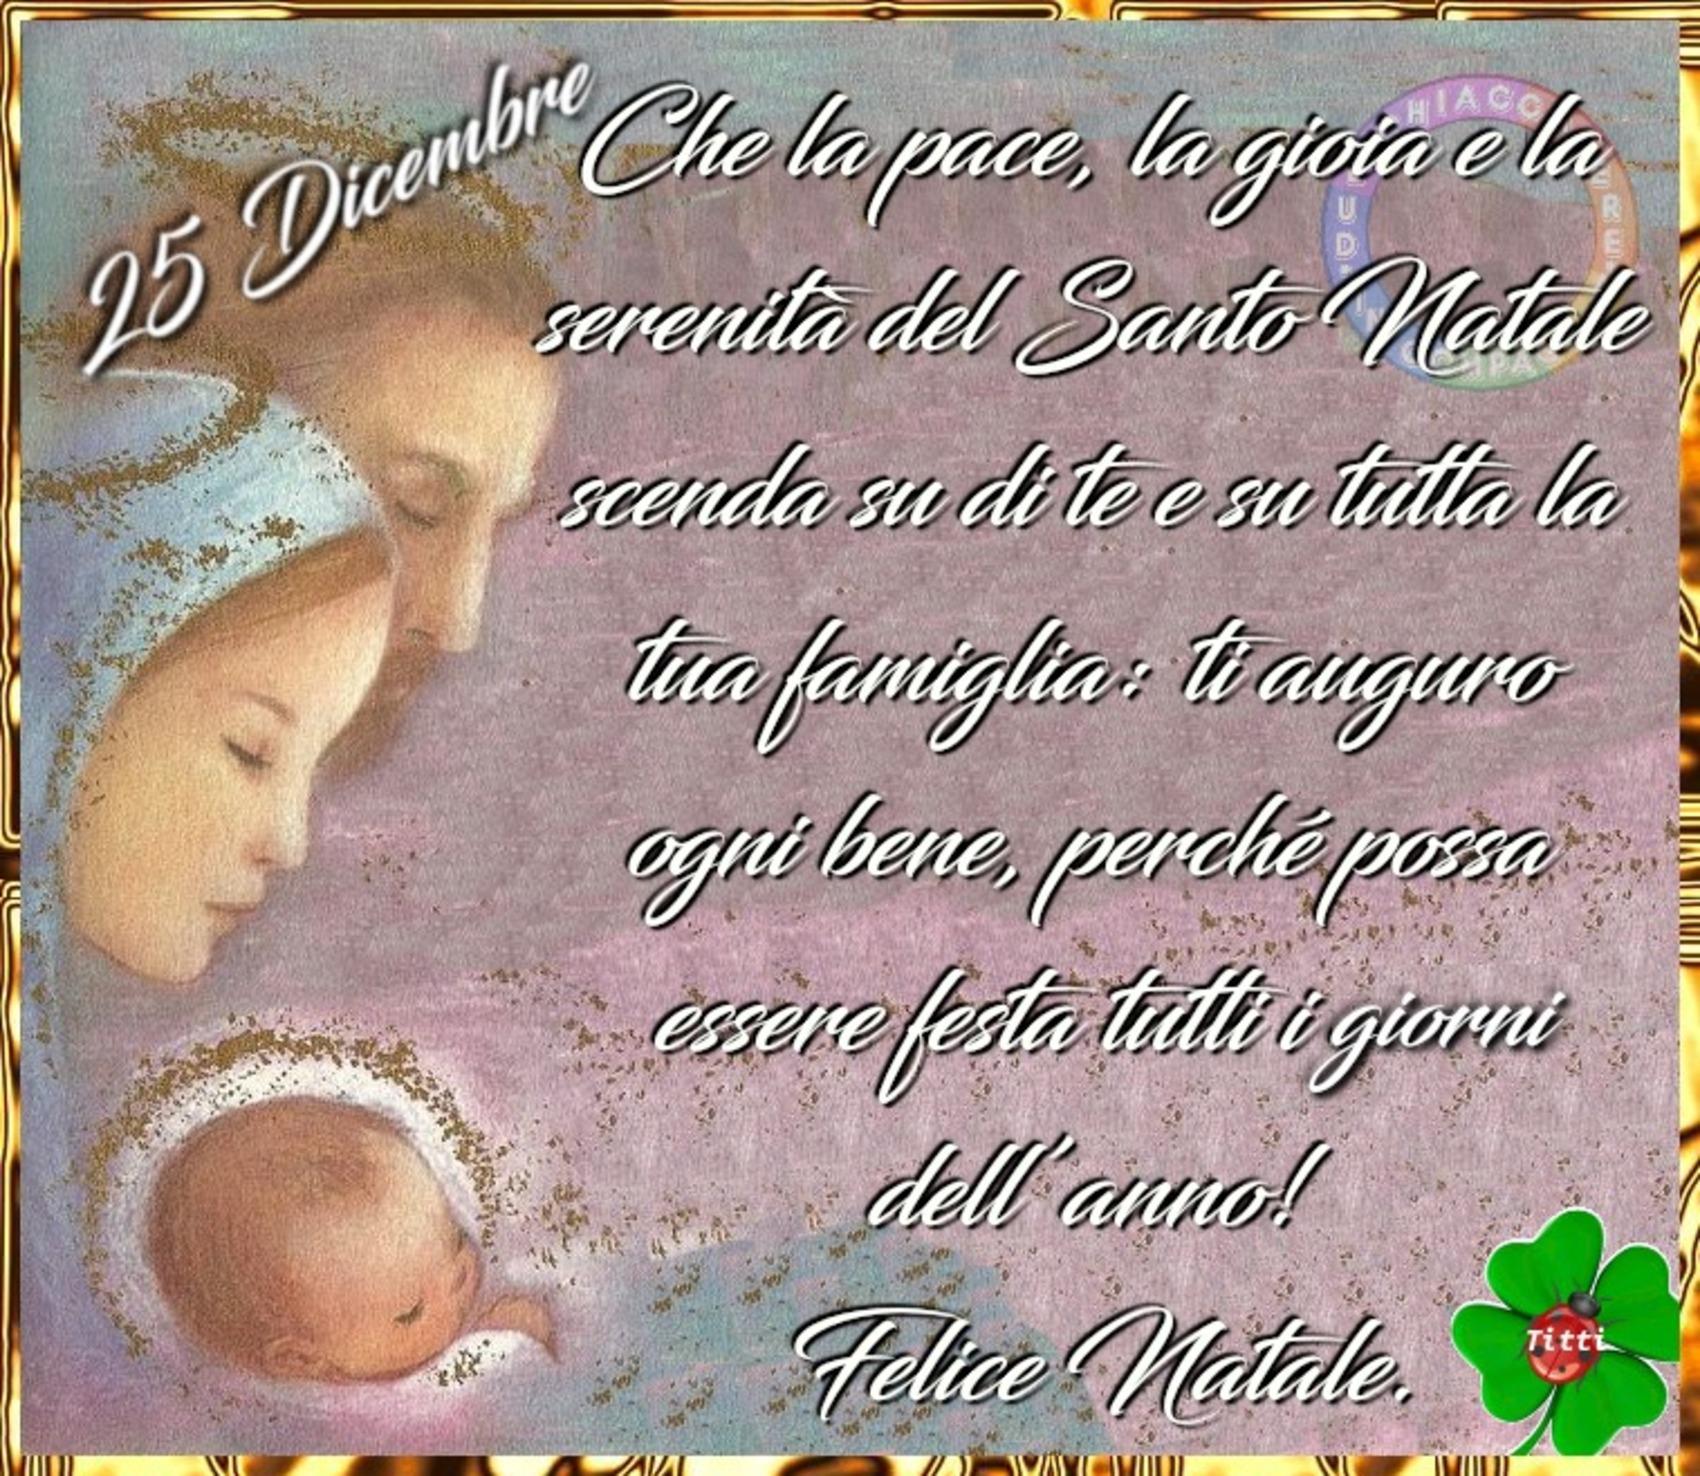 25 Dicembre Felice Natale con la Sacra Famiglia